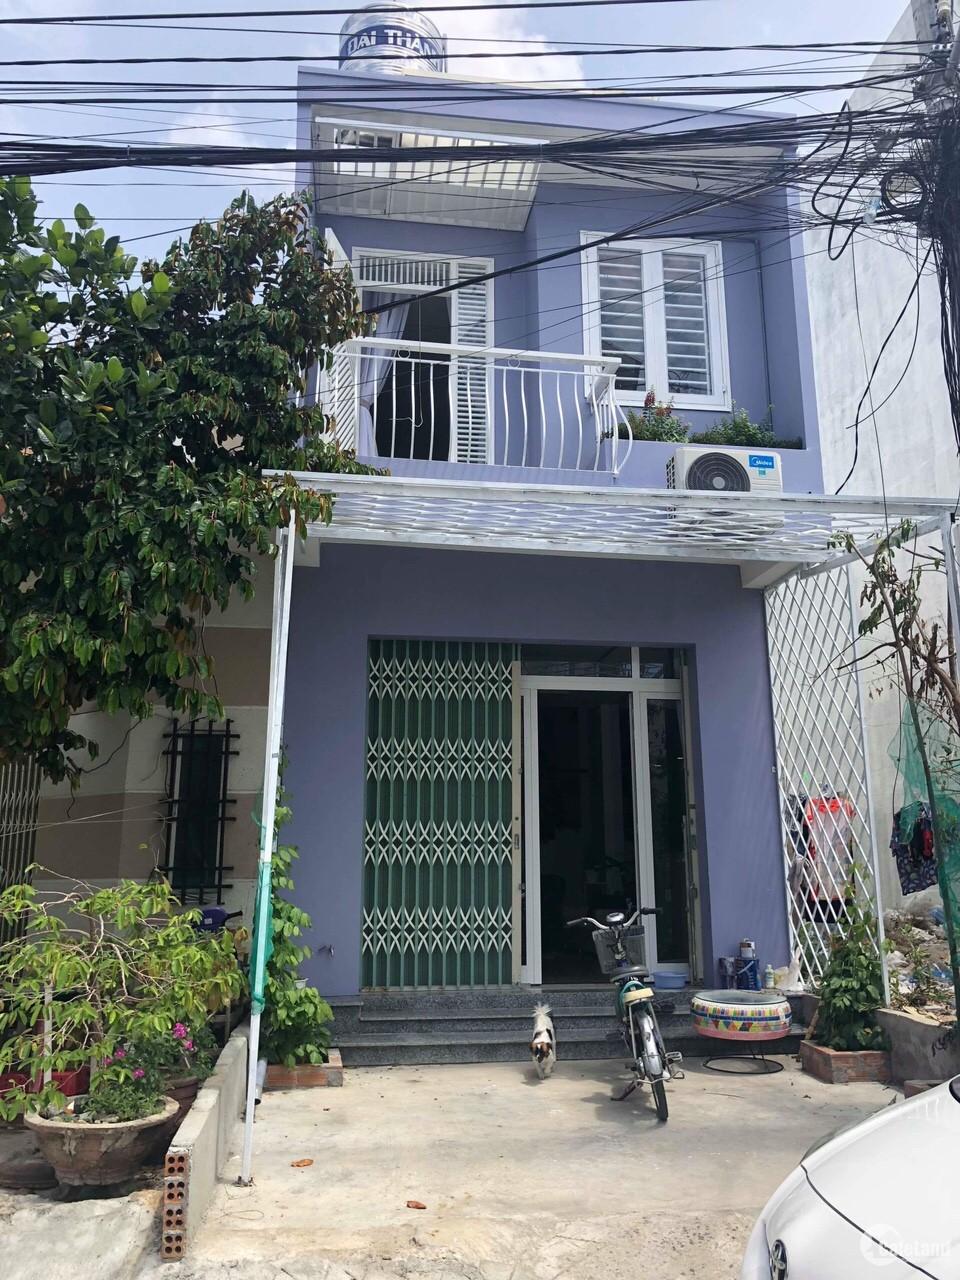 Bán nhà 2 tầng đường Nguyễn Địa Lô, Hòn Xện, Vĩnh Hòa, Nha Trang.